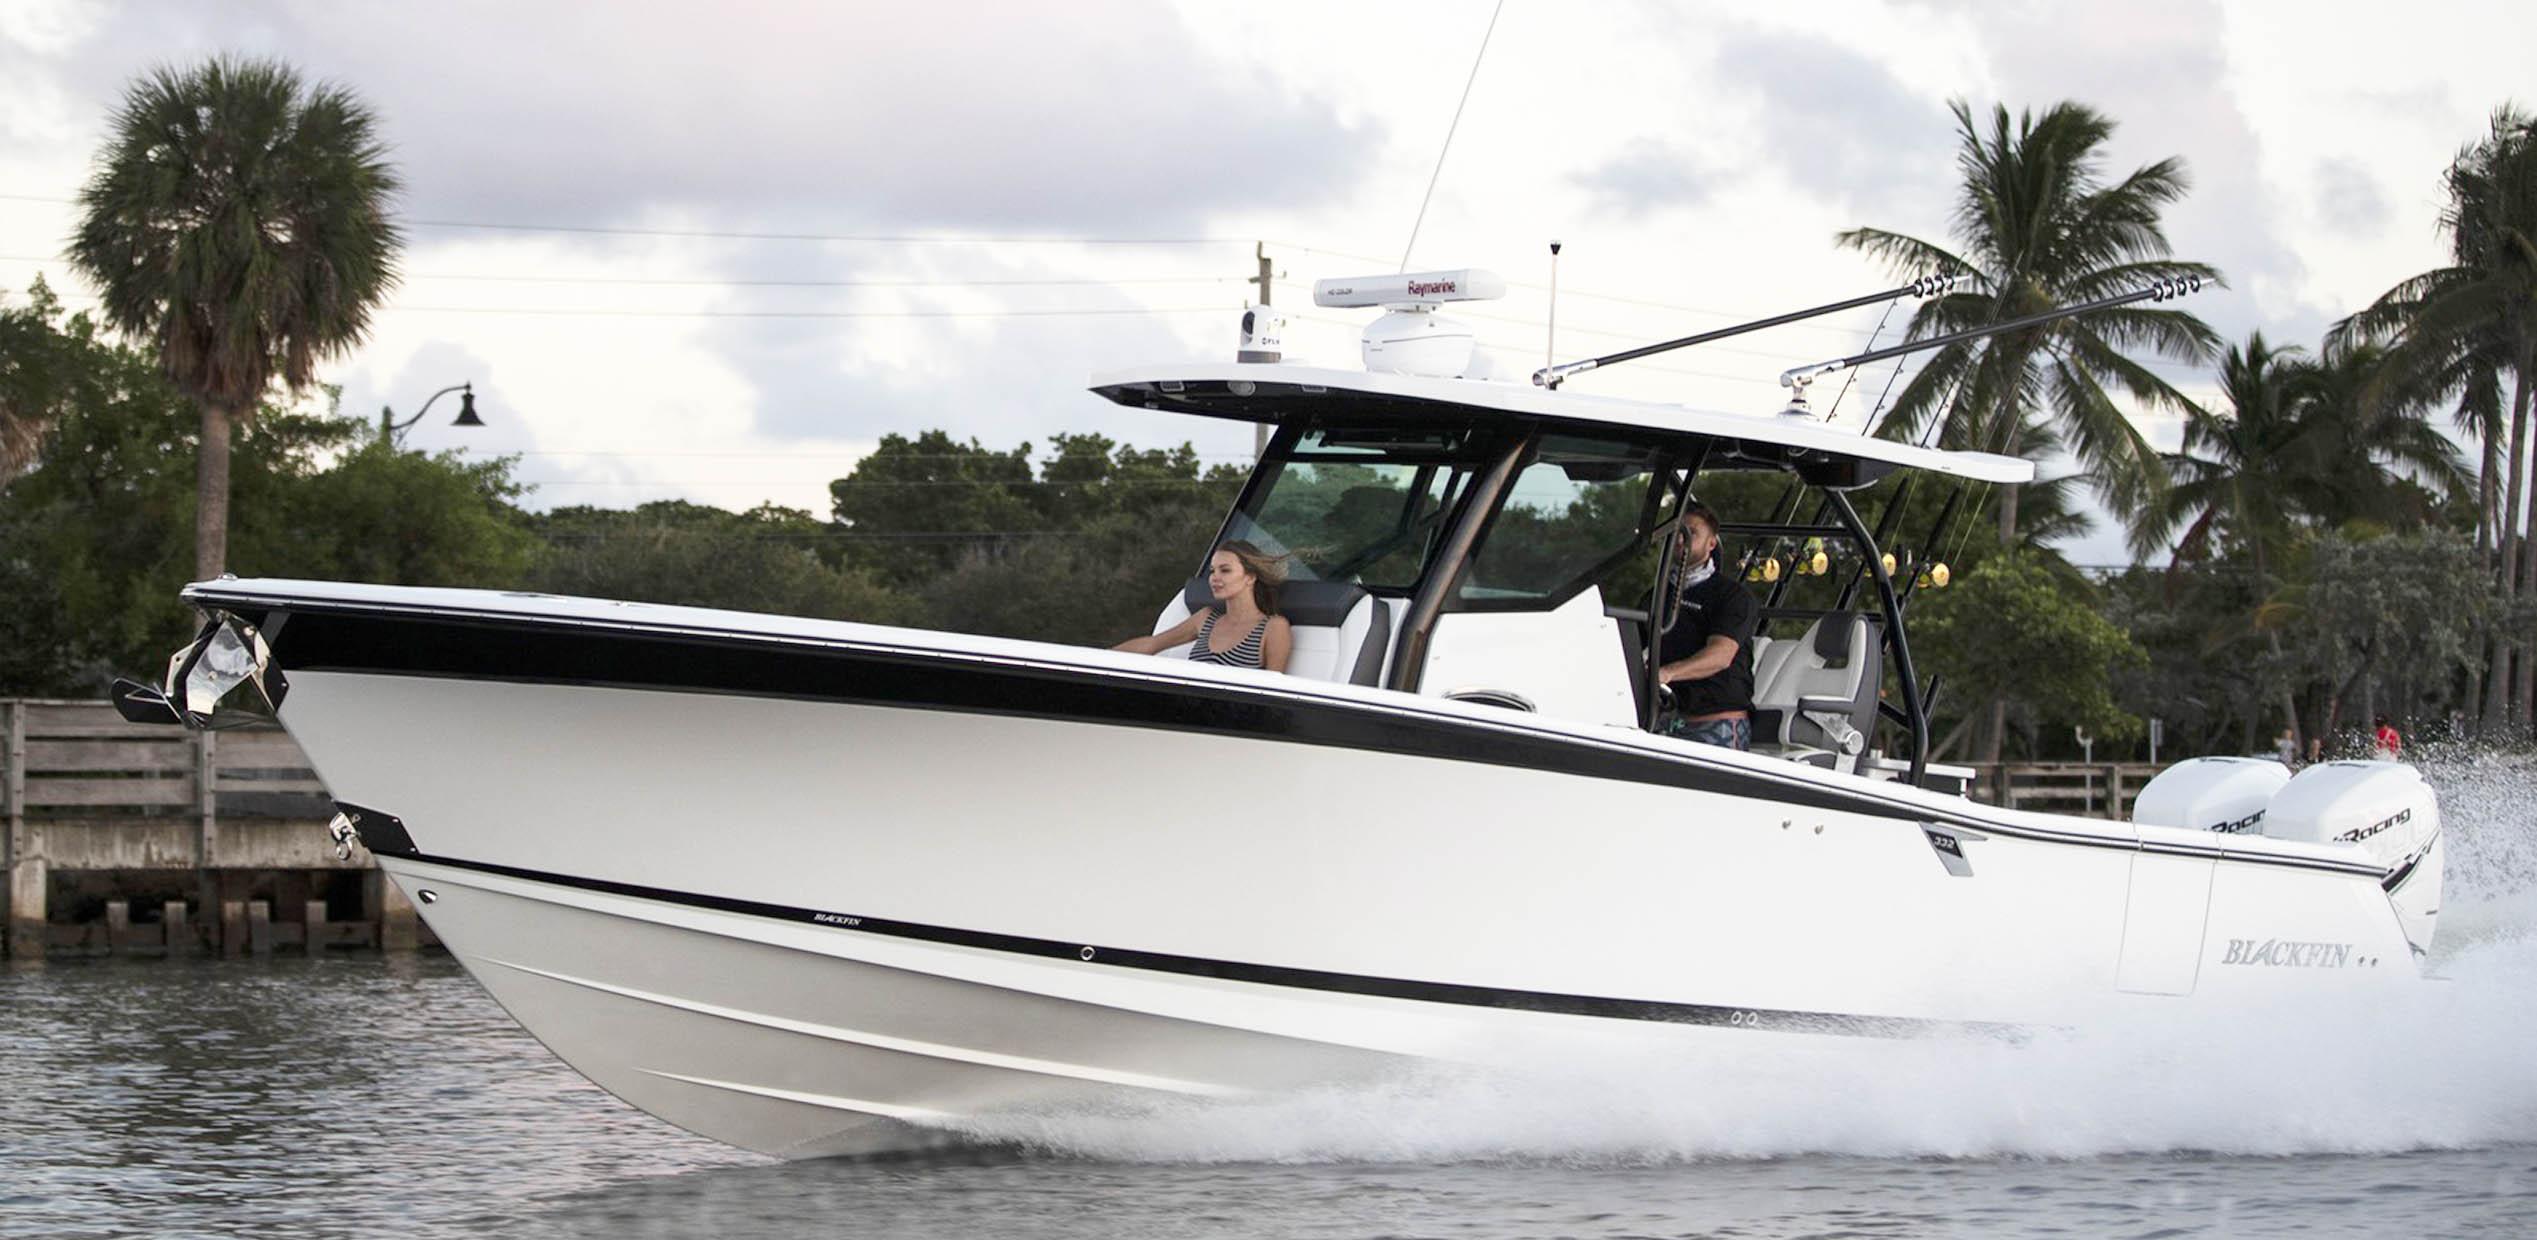 Blackfin Boat